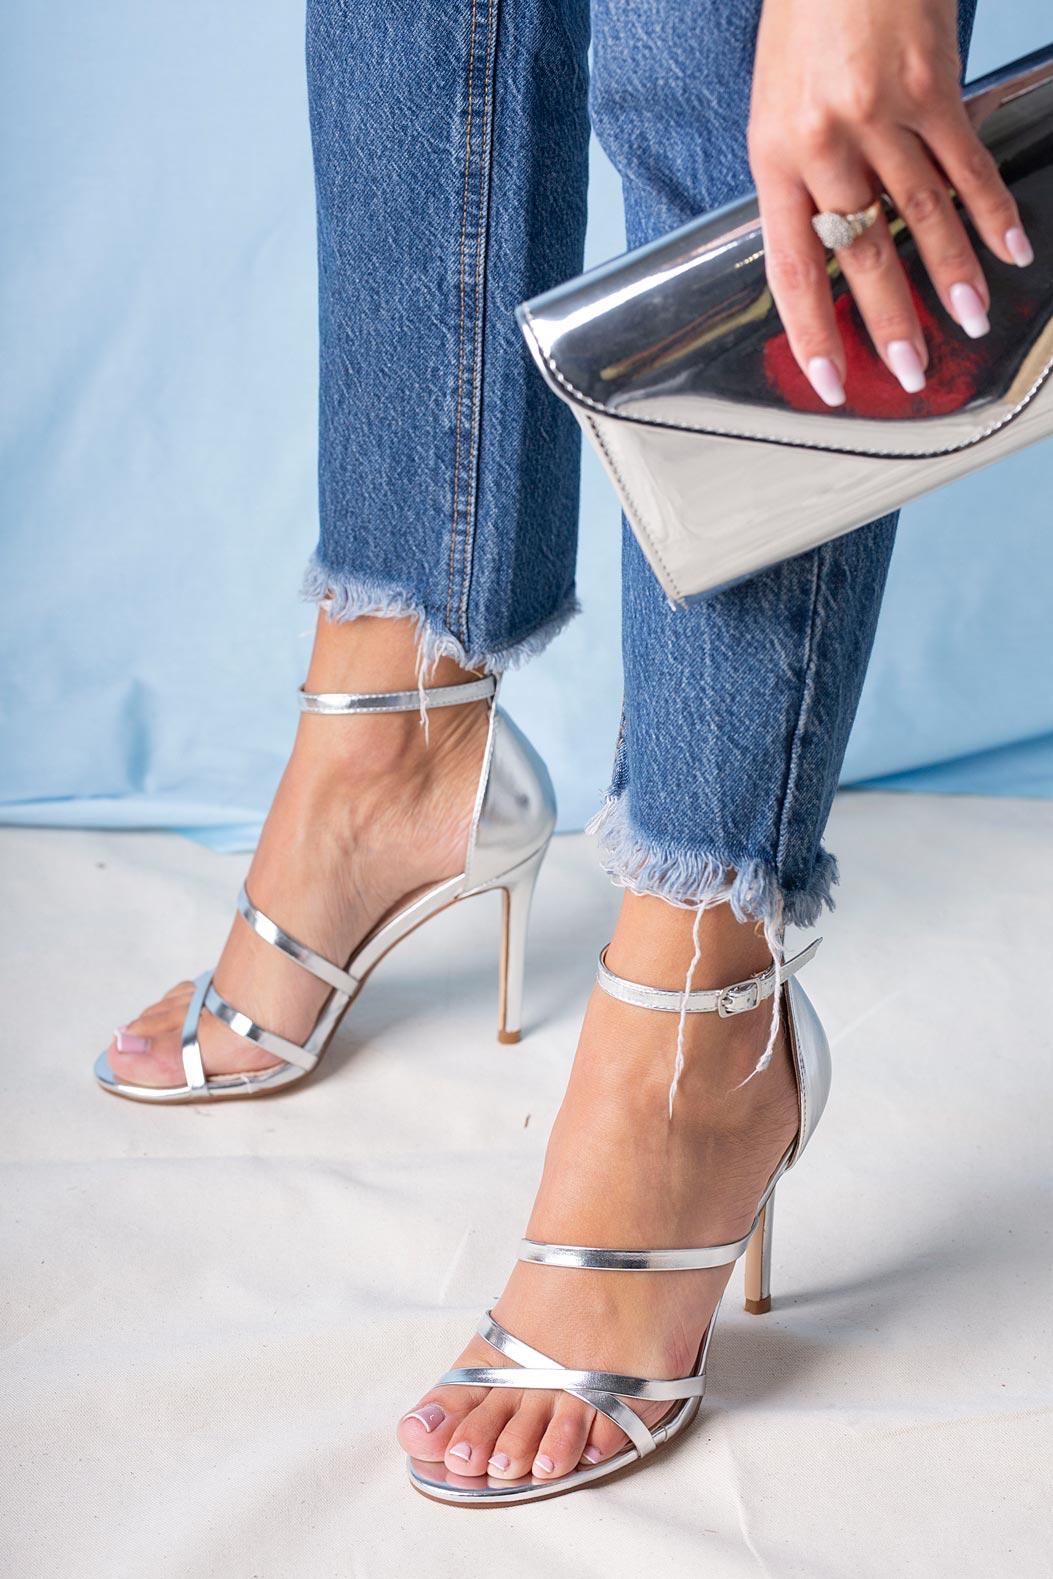 Srebrne sandały szpilki błyszczące z paskiem wokół kostki Casu D20X13/S srebrny